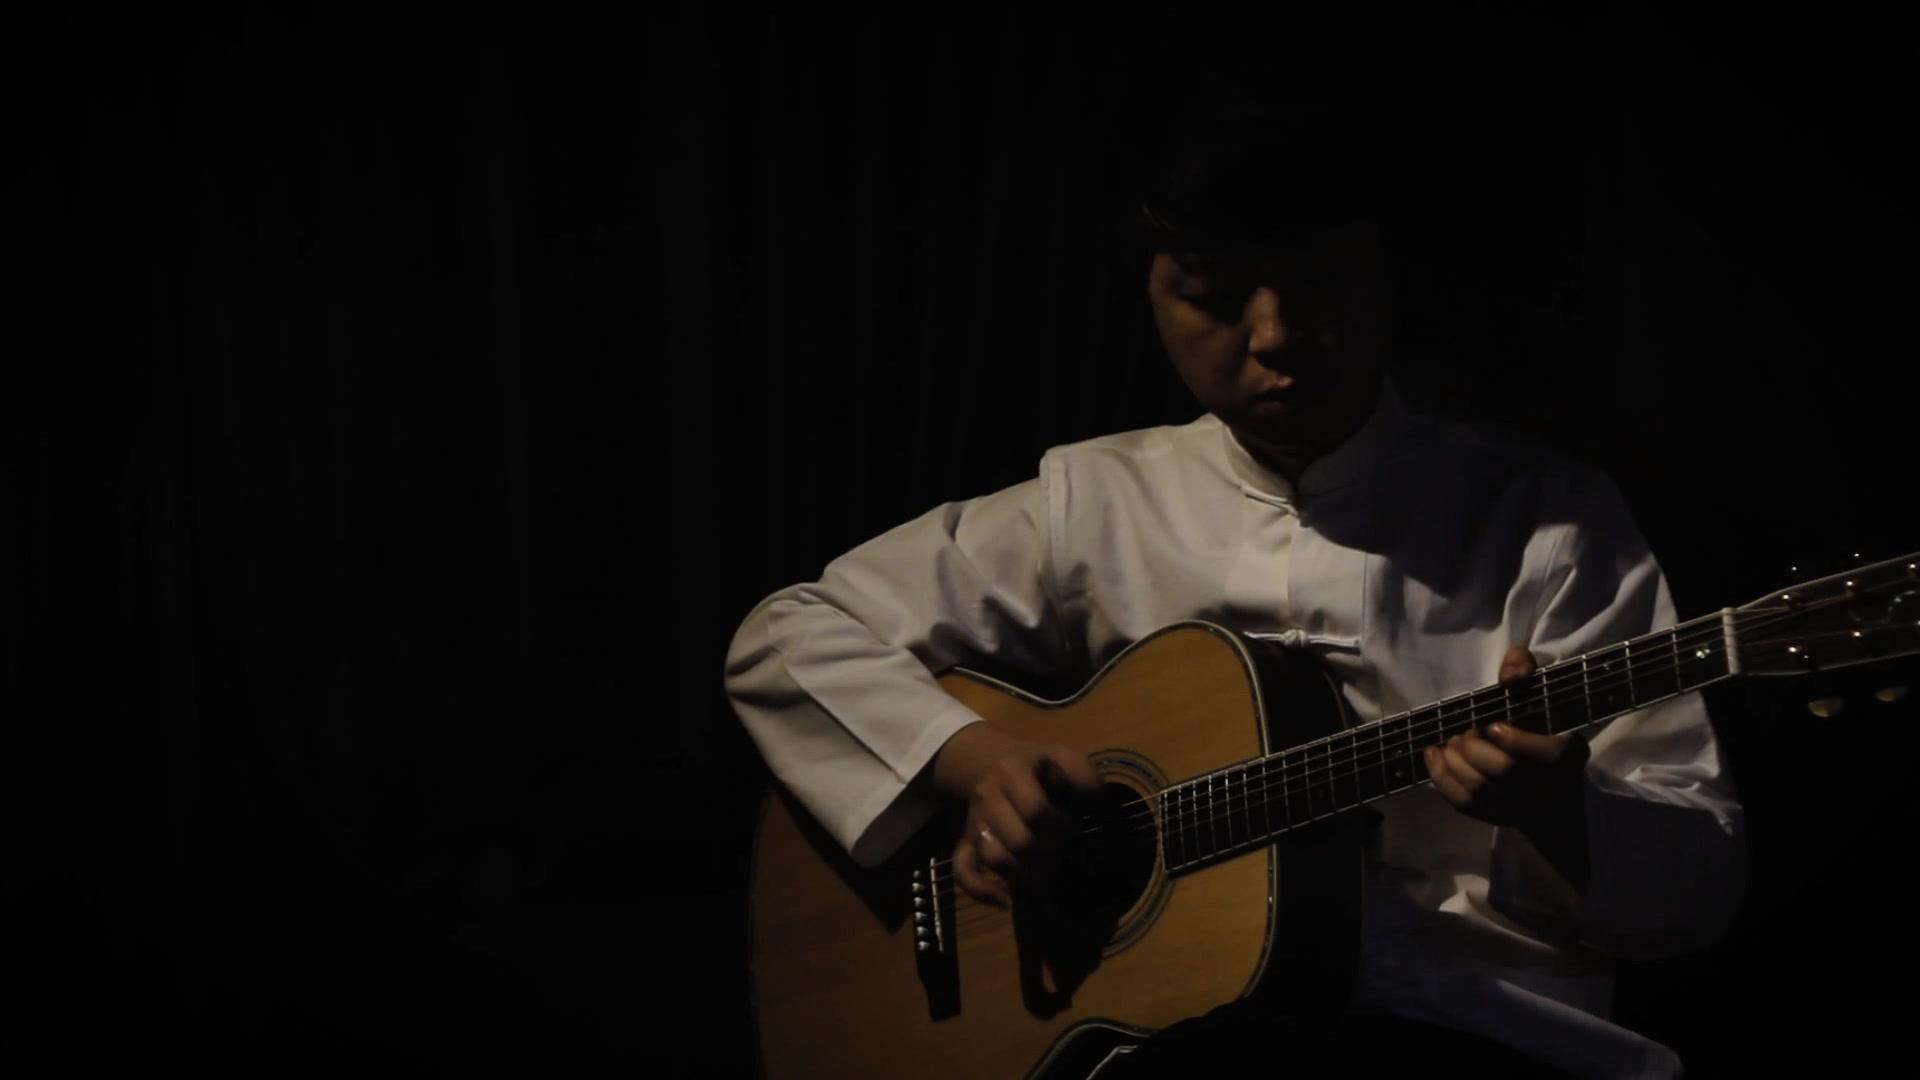 【指弹】原创中国风指弹吉他曲枫叶城第二乐章《又见枫叶城》by杨昊昆图片